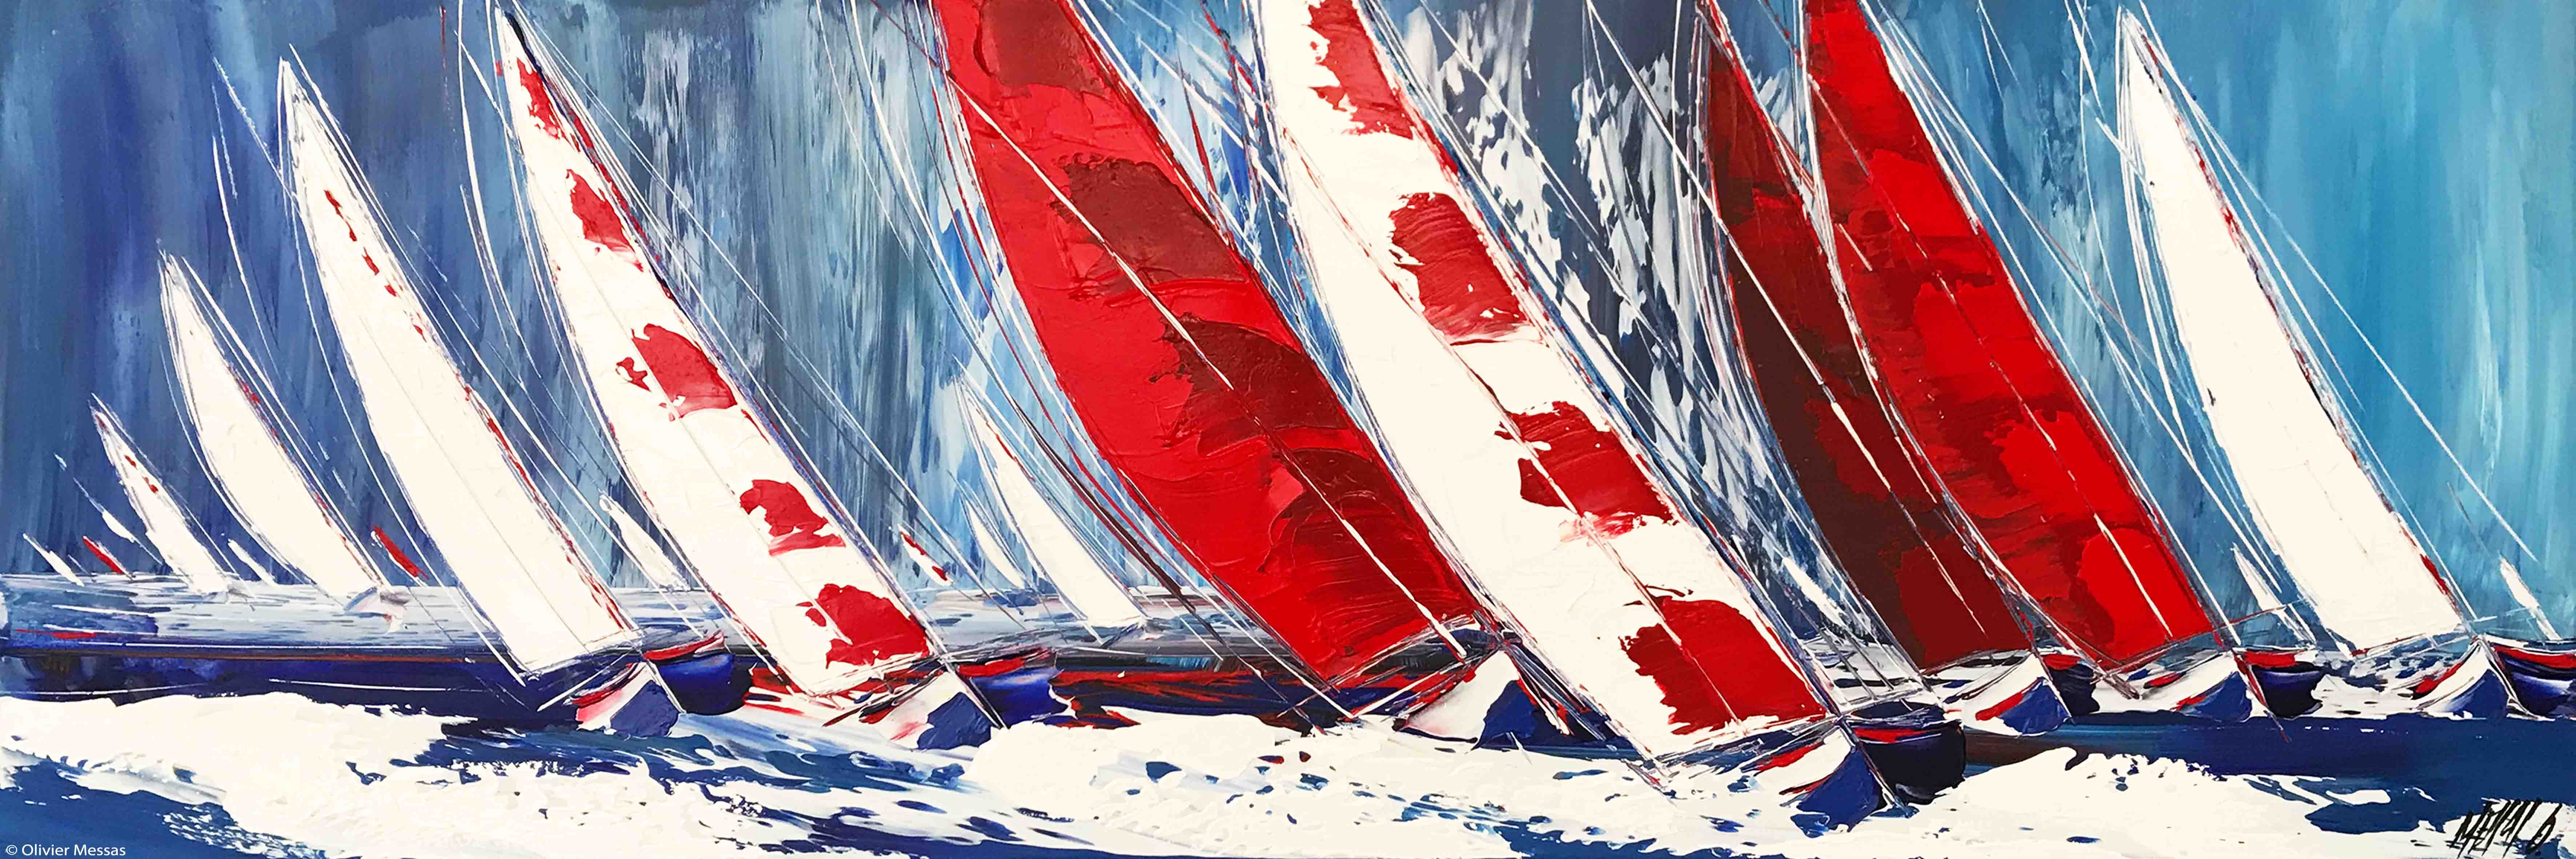 Les voiles rouges III, 40x120cm